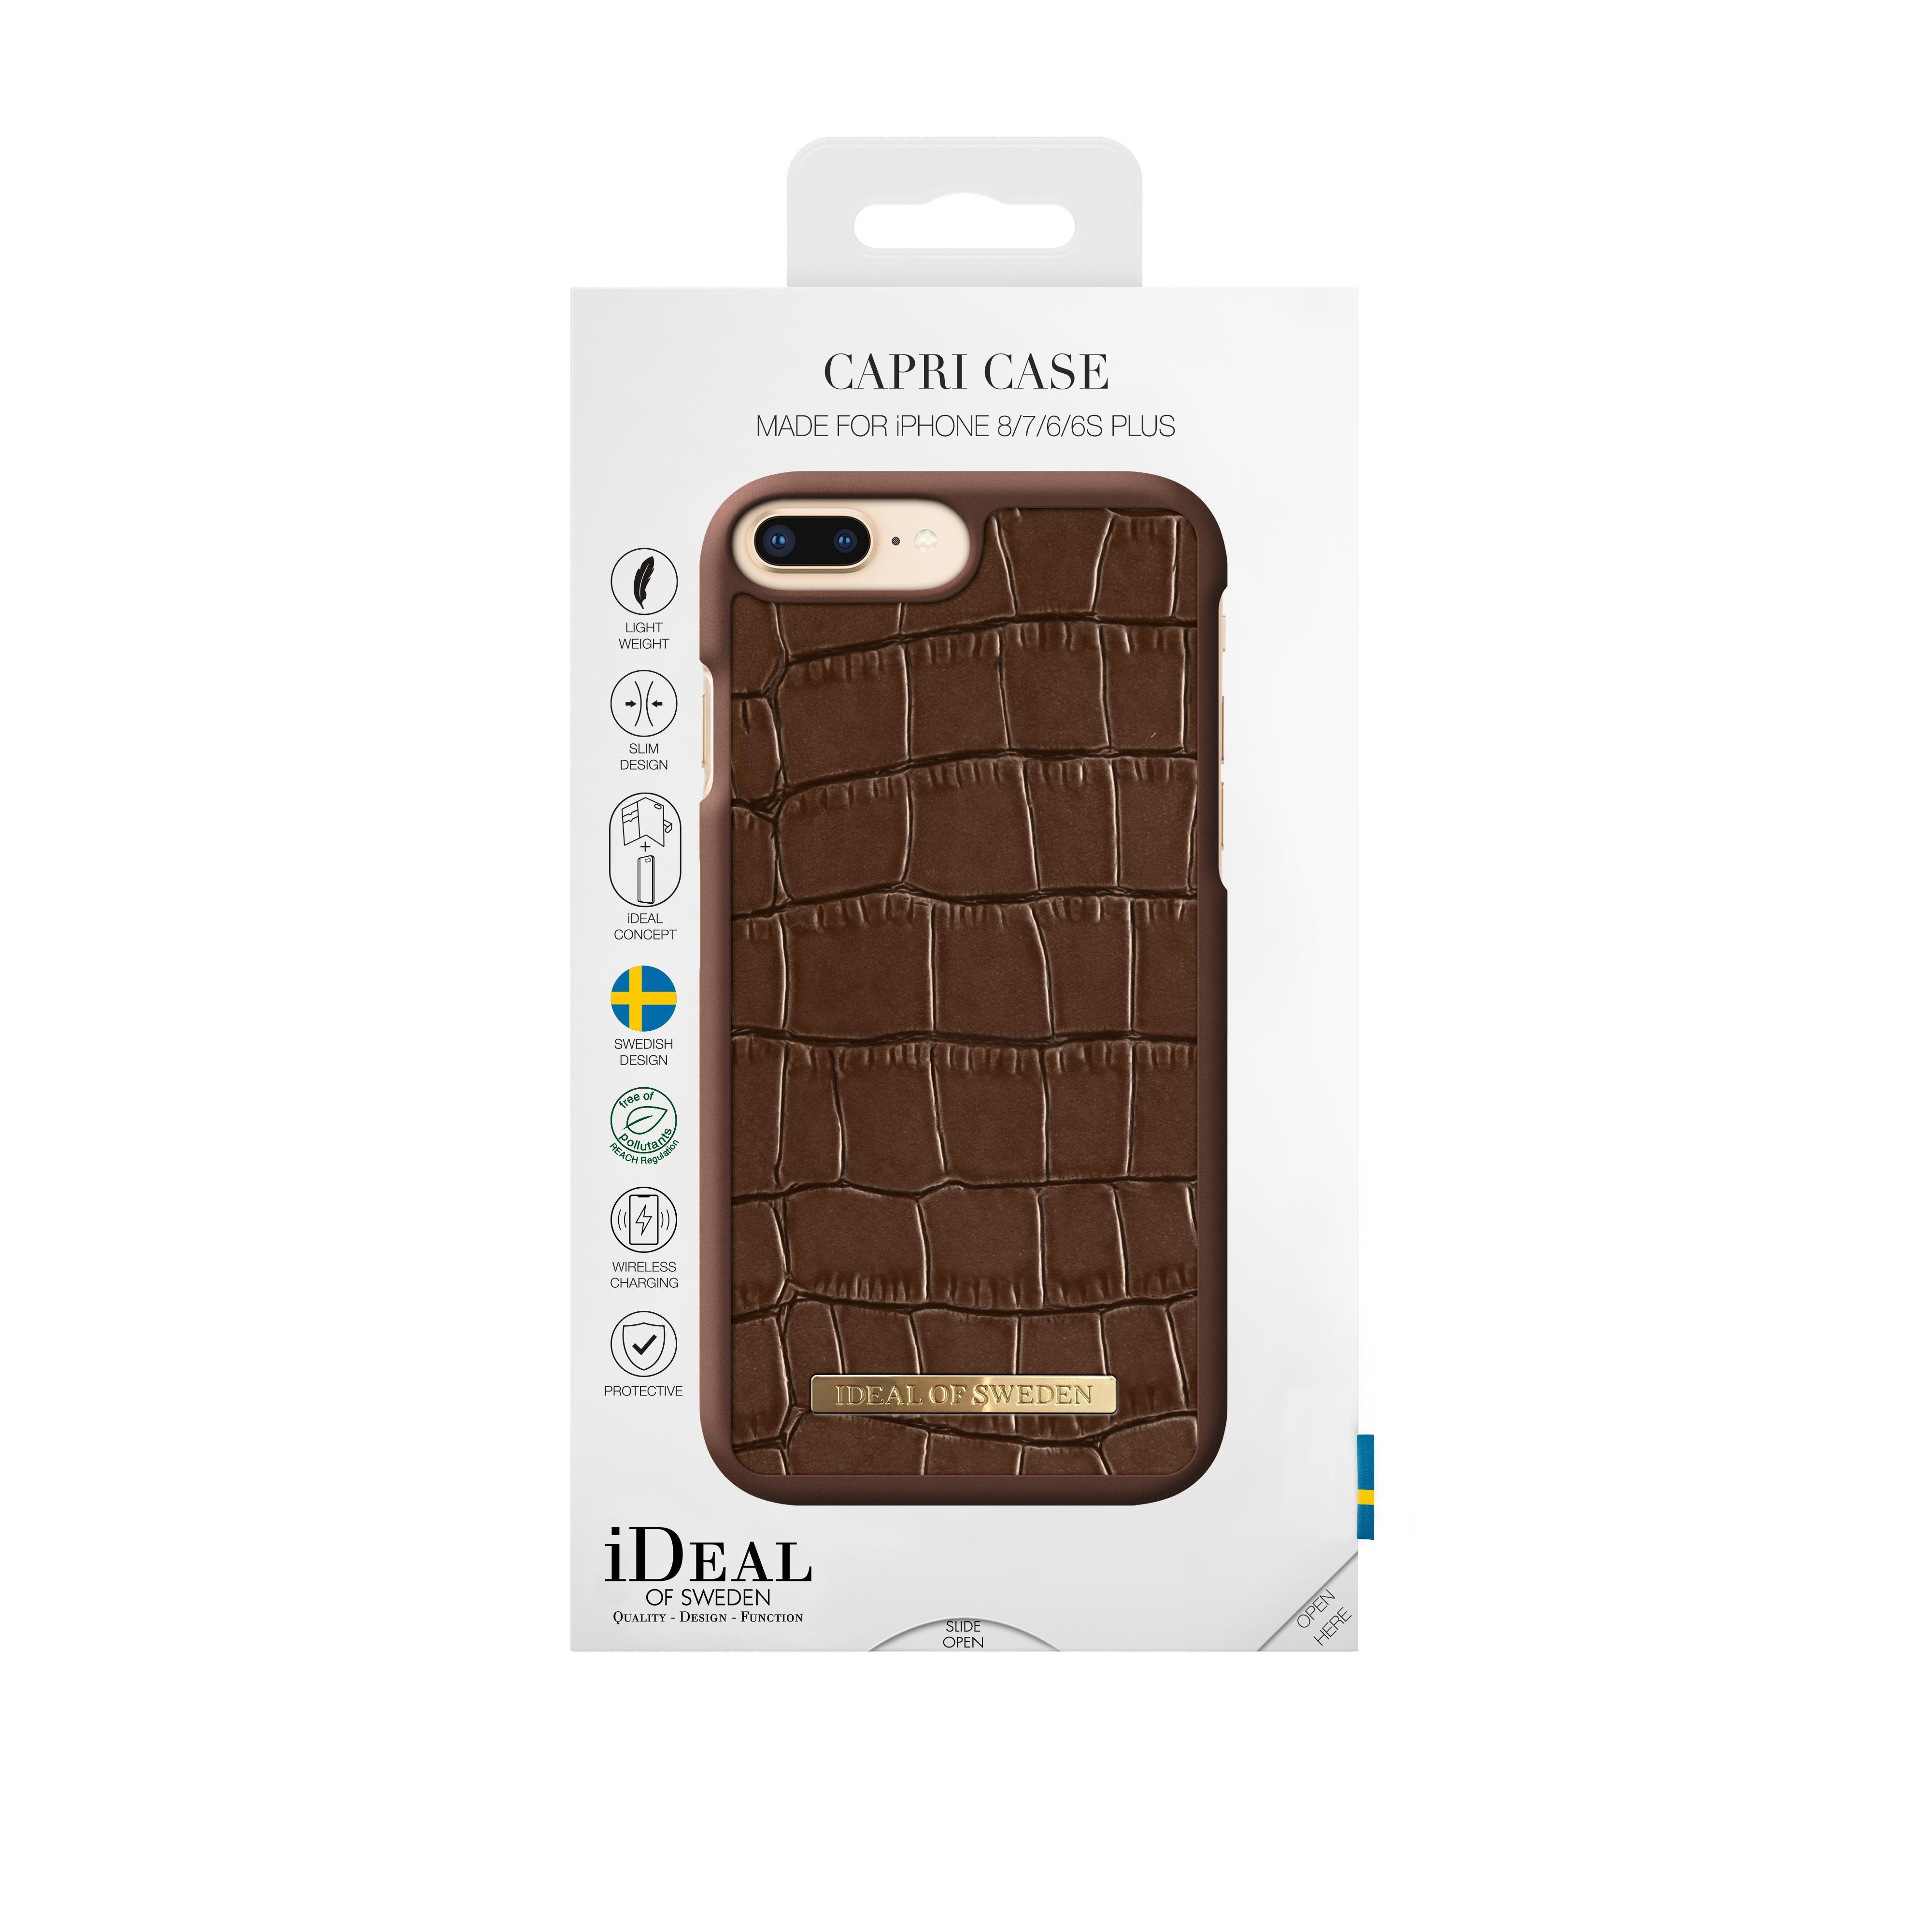 Capri Case iPhone 6/6S/7/8 Plus Brown